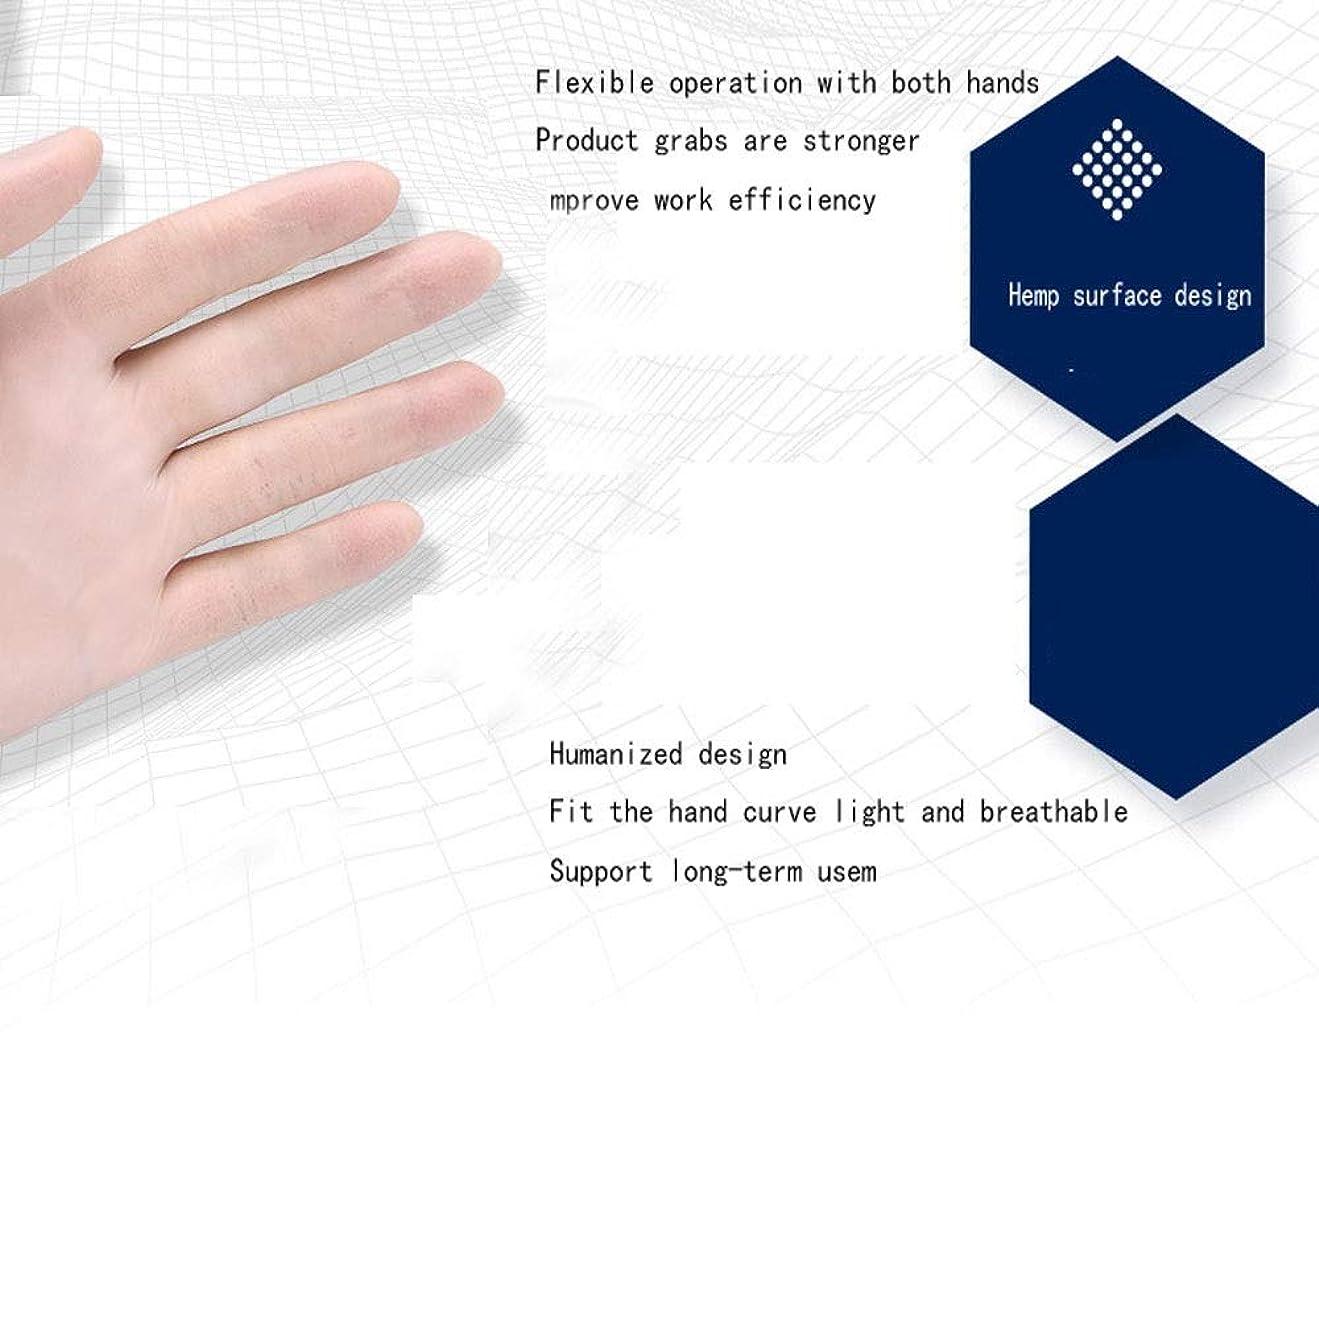 ボルト予防接種一口Safeguard Nitri Disposable Gloves、パウダーフリー、食品用グローブ、ラテックスフリー、100 Pcサニタリーグローブ (サイズ さいず : S s)